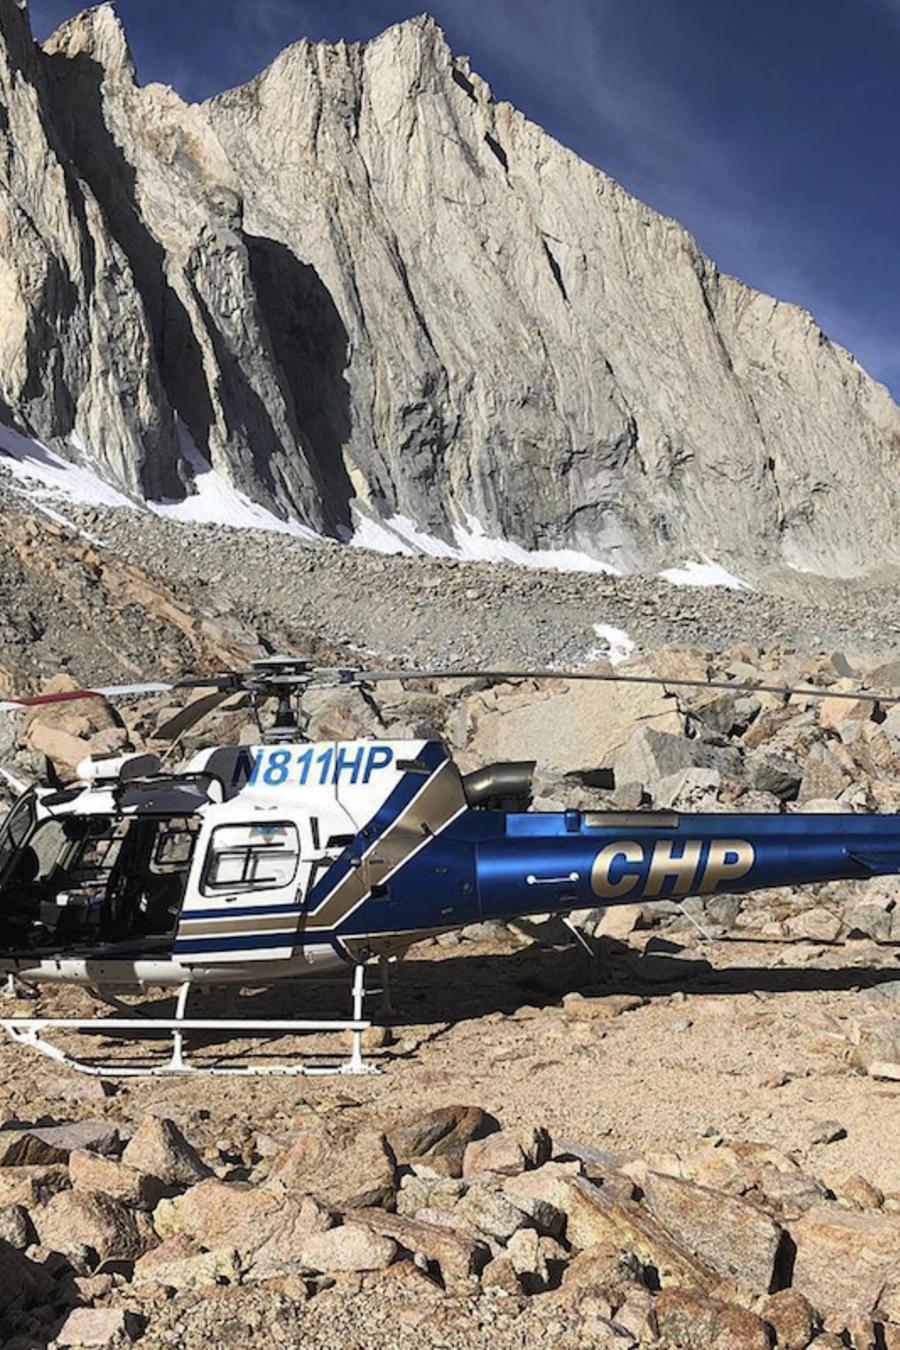 Un helicóptero el 16 de octubre en el lugar donde fue encontrado el esqueleto en el monte  Williamson.